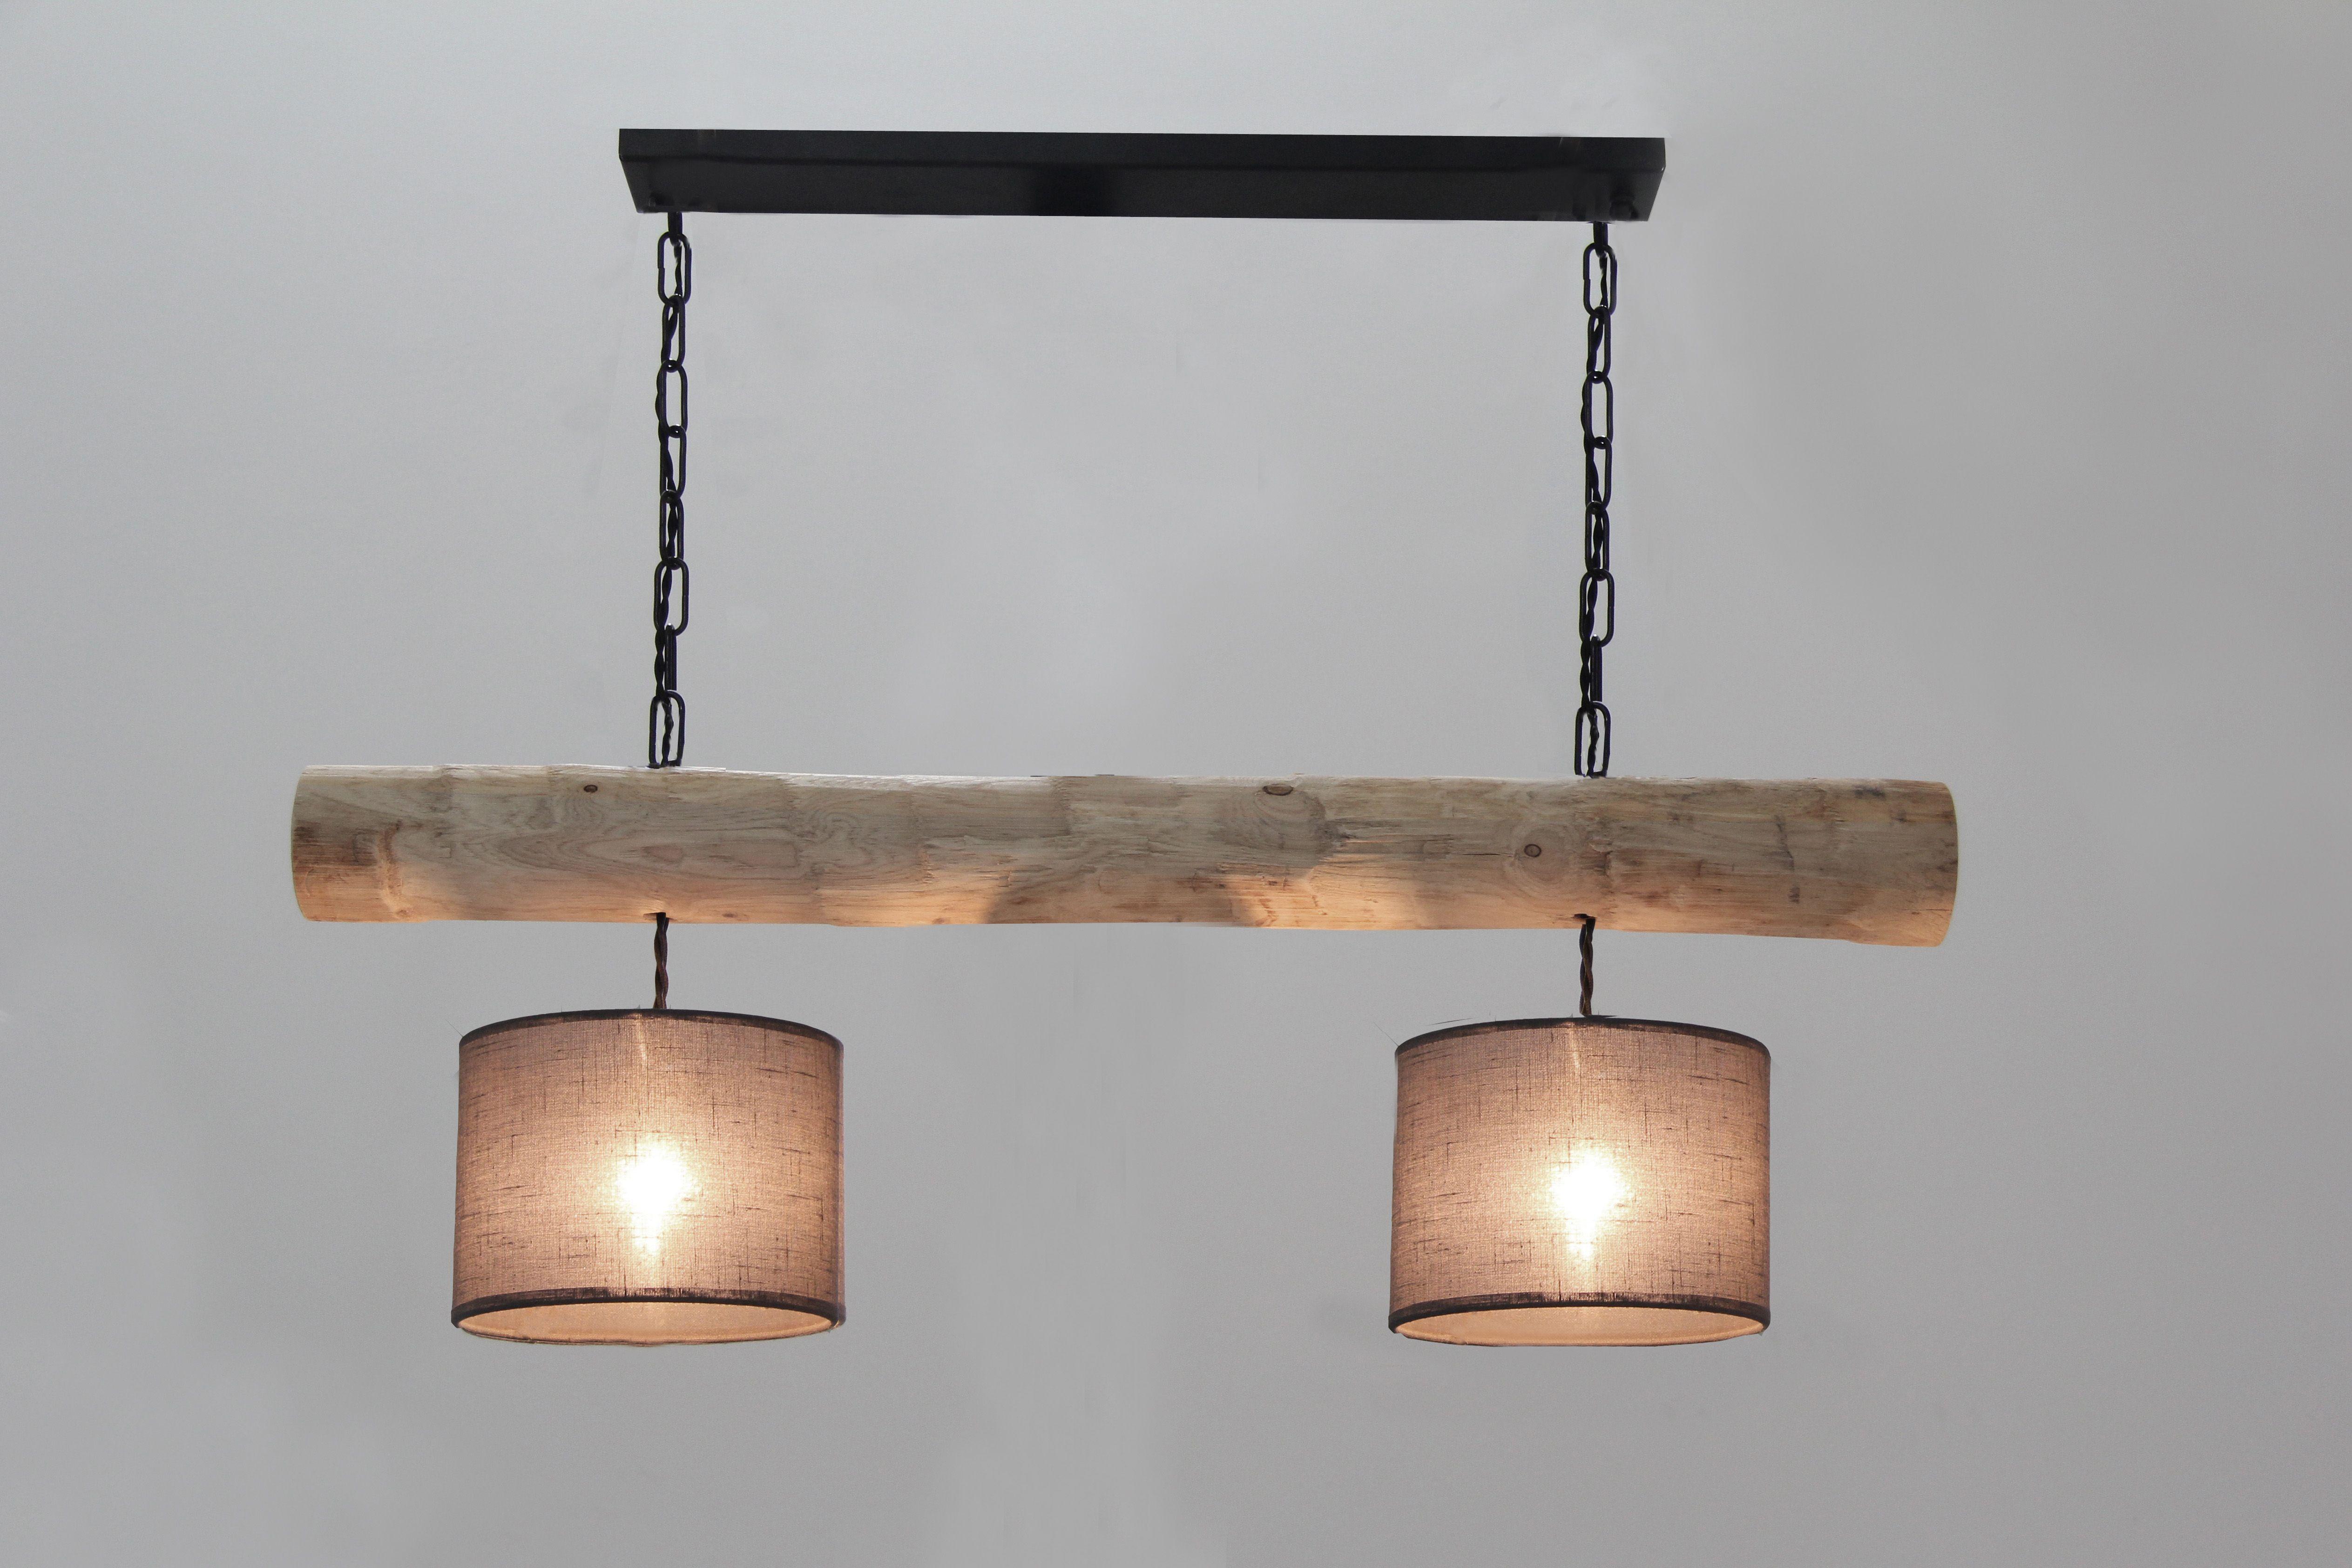 Pendelleuchte Mit Rustikalem Holzstamm 2 Lampenschirme Www Holz Lampen Com Holzstamm Beleuchtung Decke Pendelleuchte